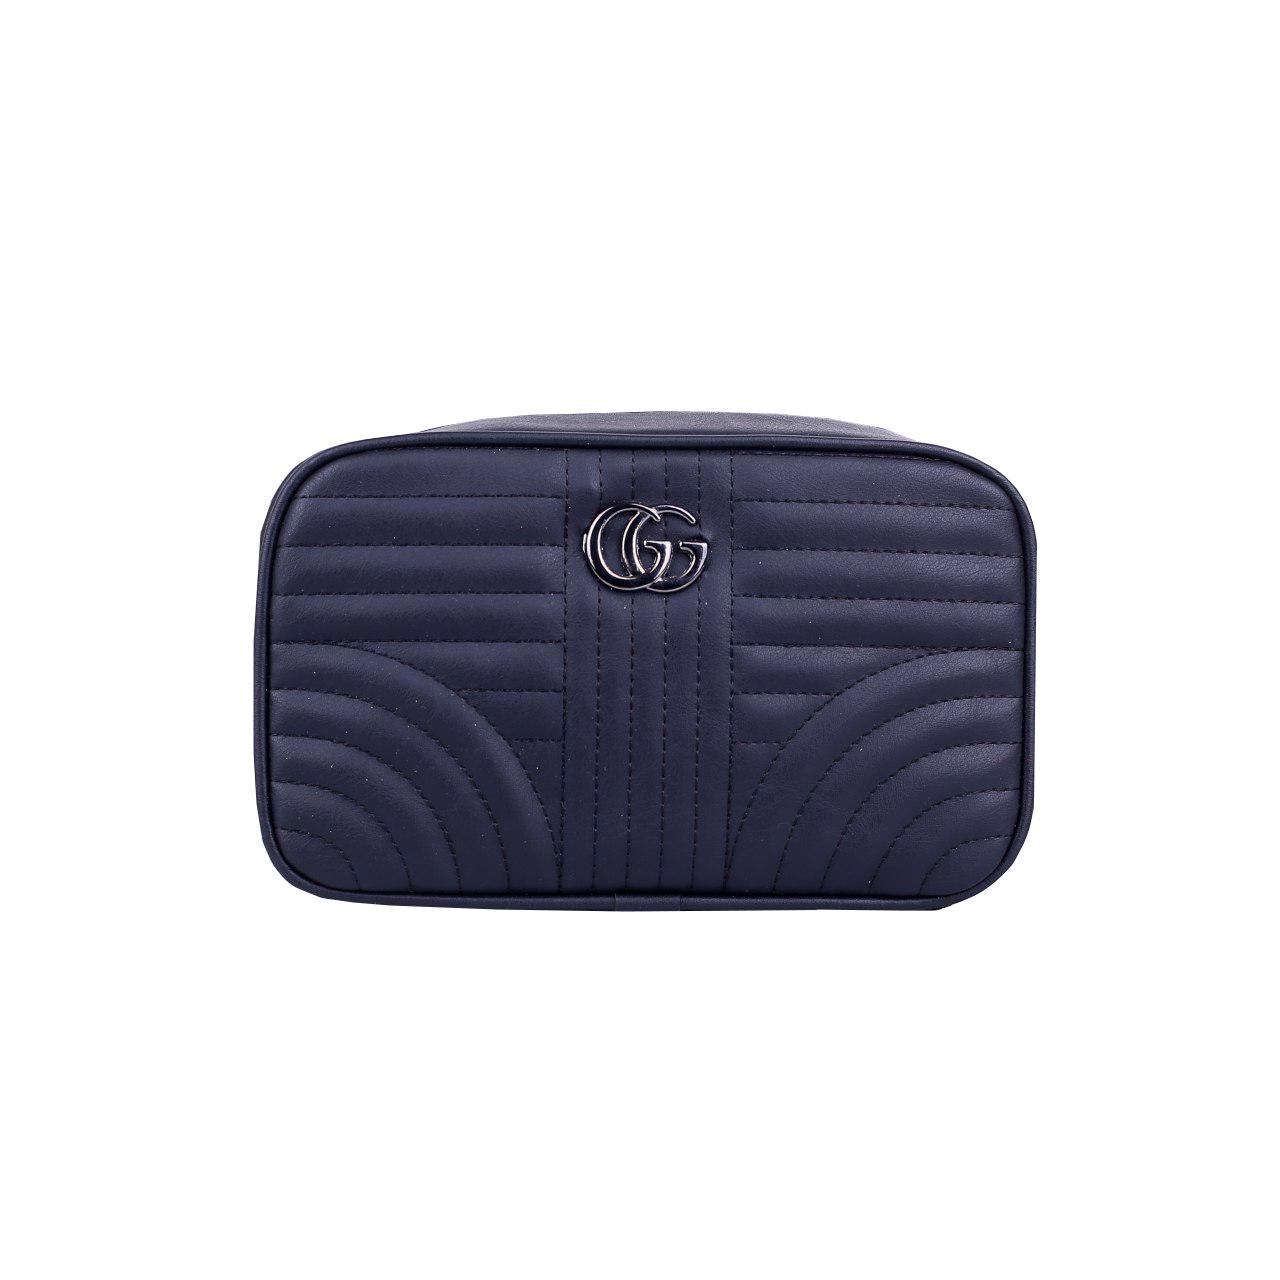 کیف دوشی زنانه کد 381057